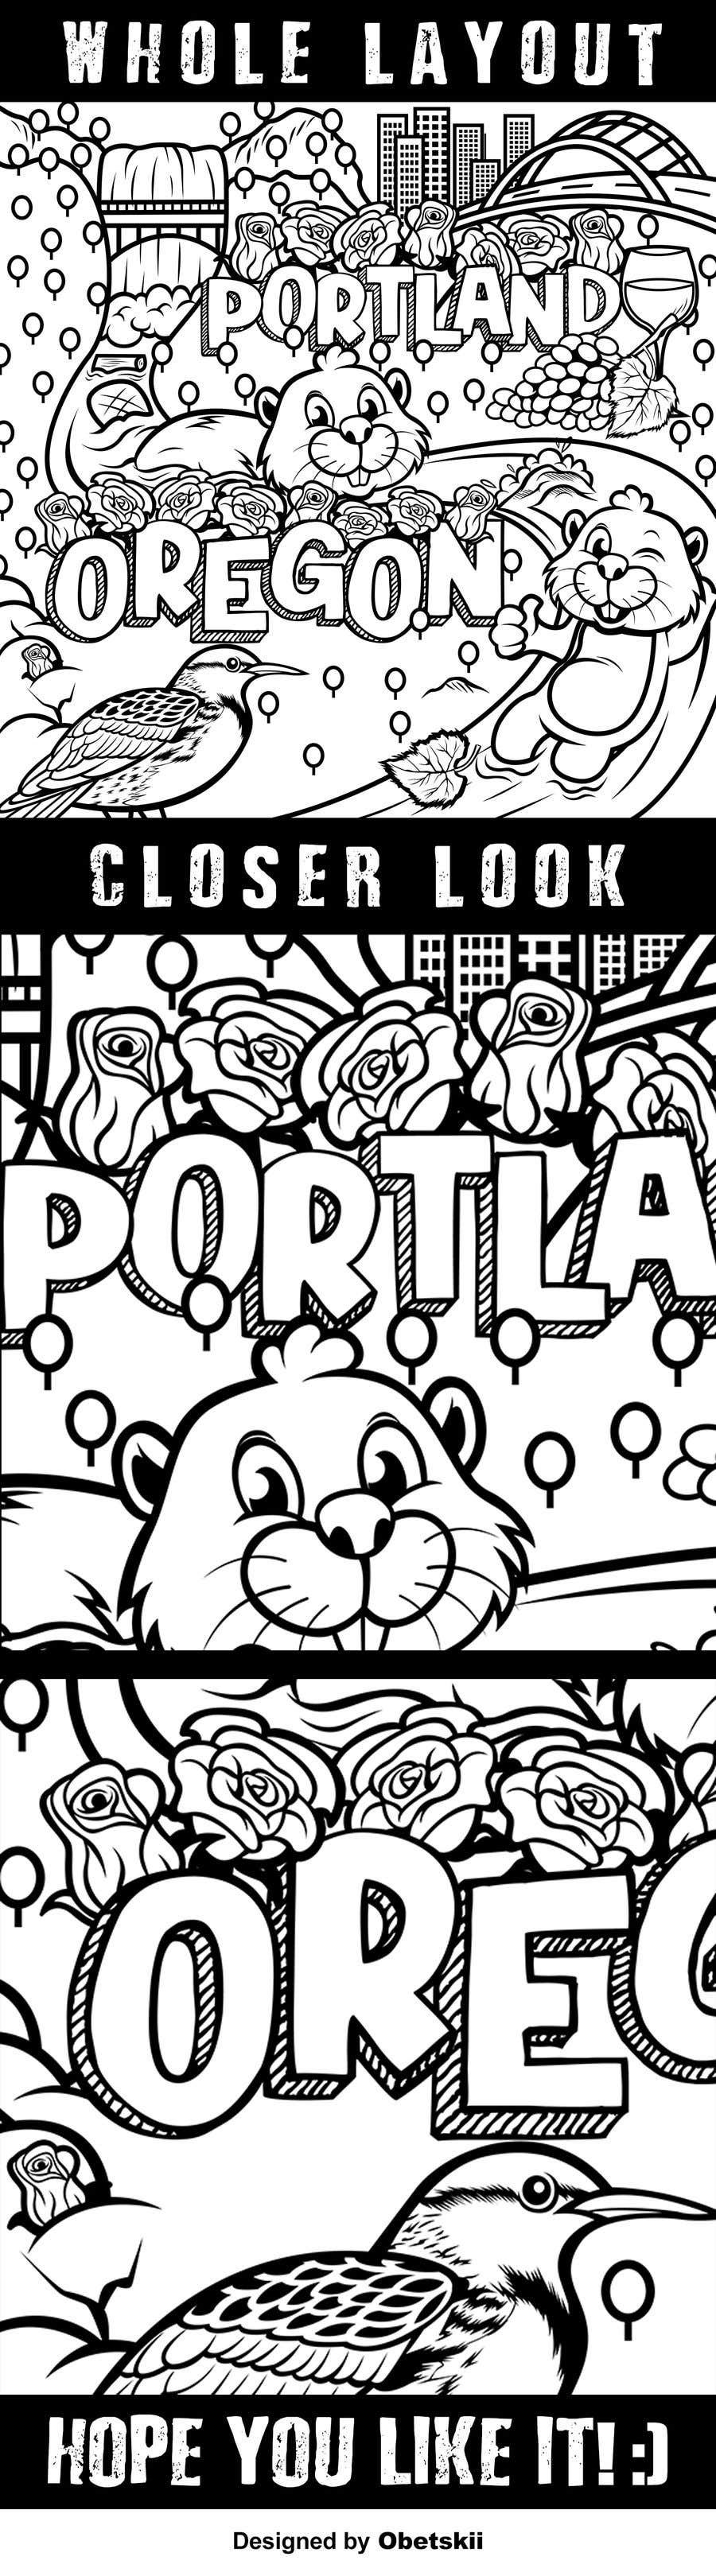 Penyertaan Peraduan #                                        51                                      untuk                                         Draw a coloring page for a Portland, Oregon restaurant